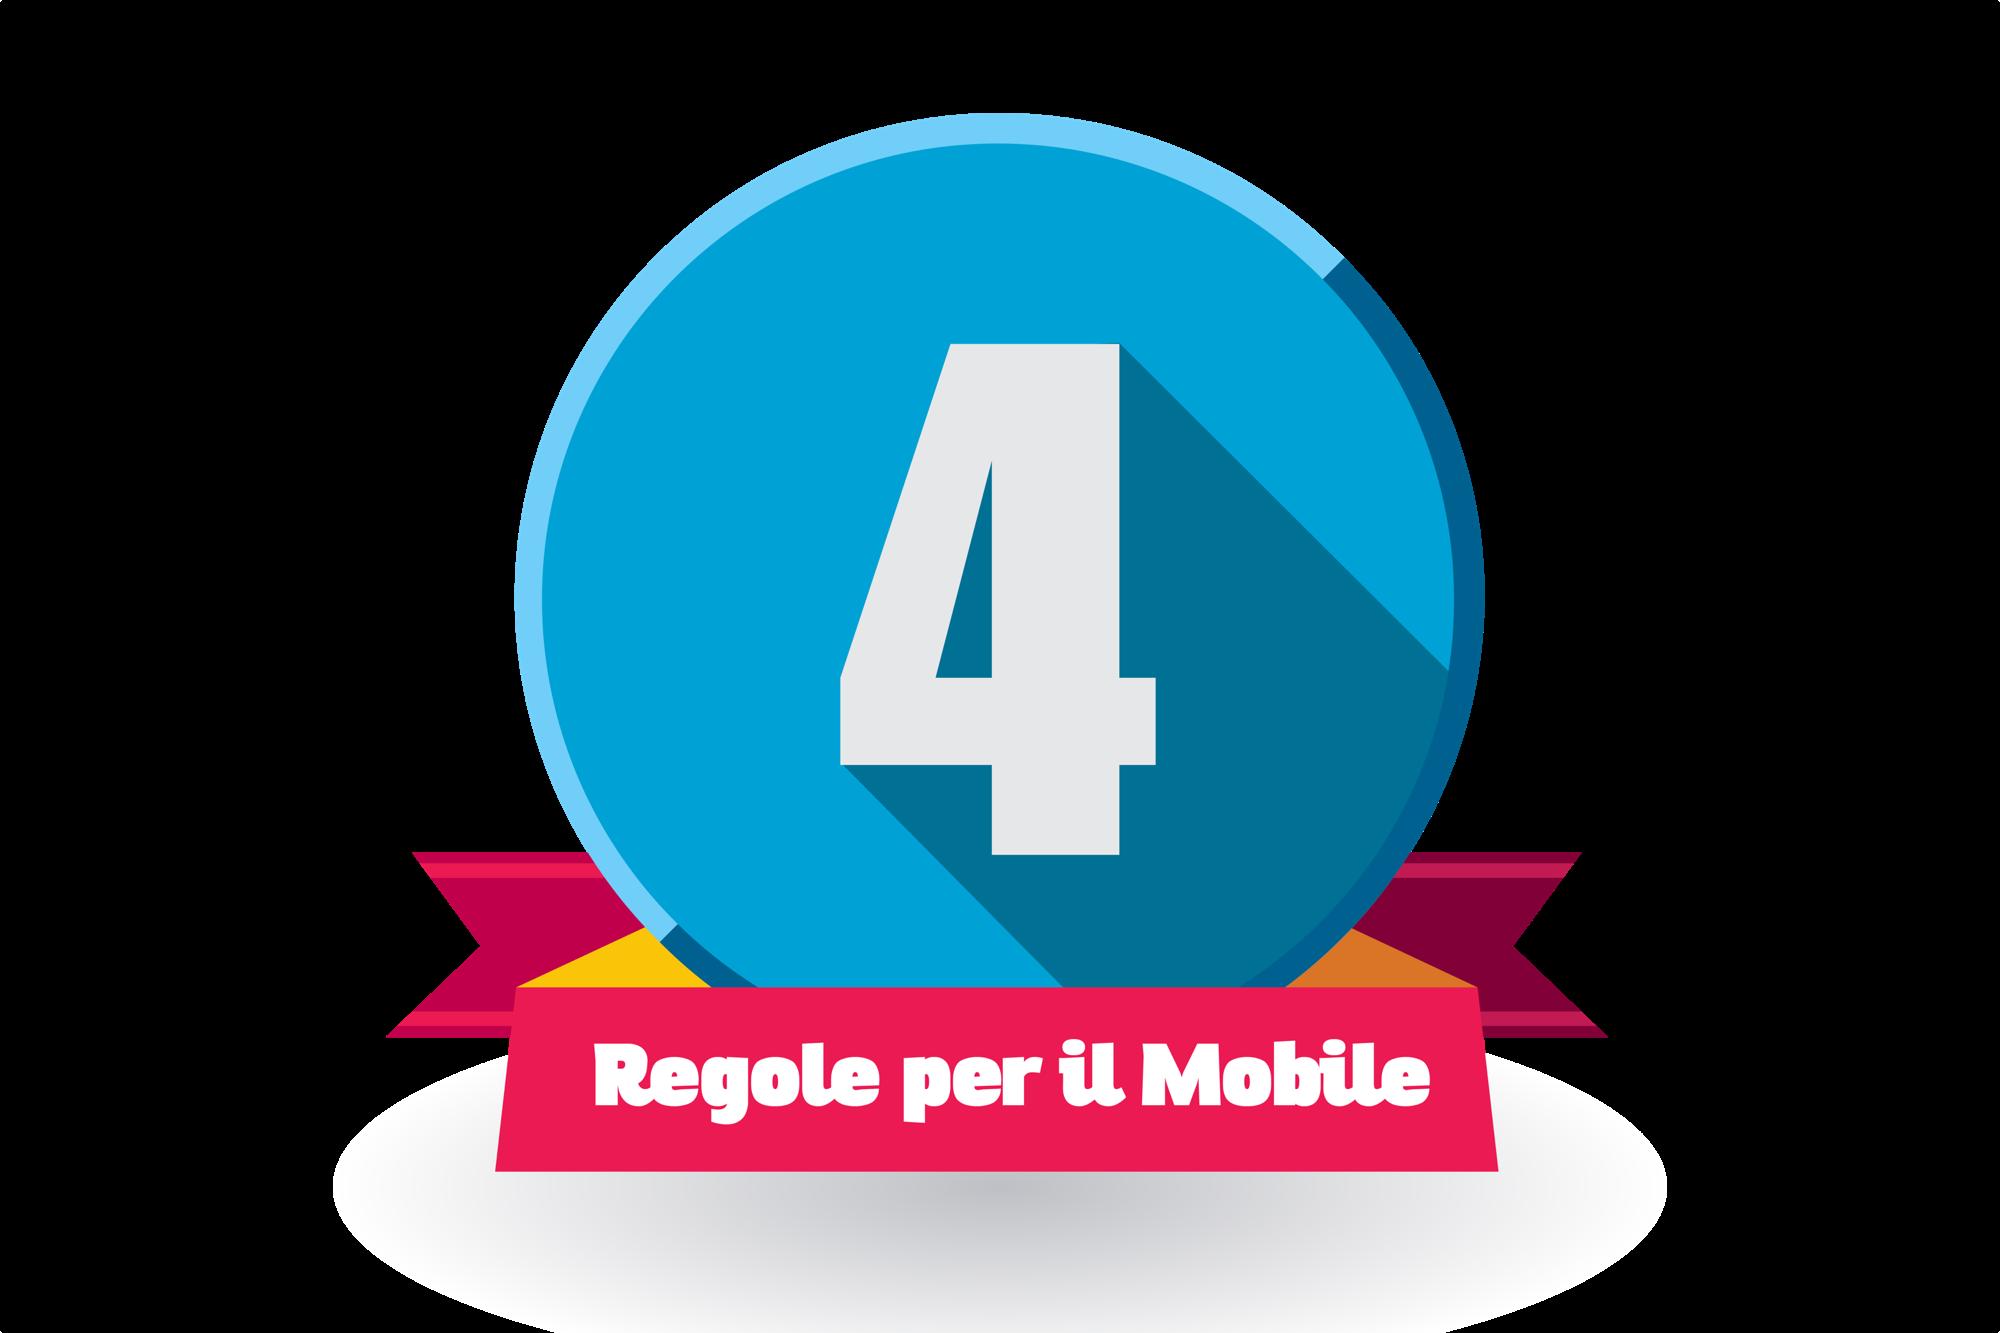 Mobile significa ubiquo, non sempre disponibile: 4 regole